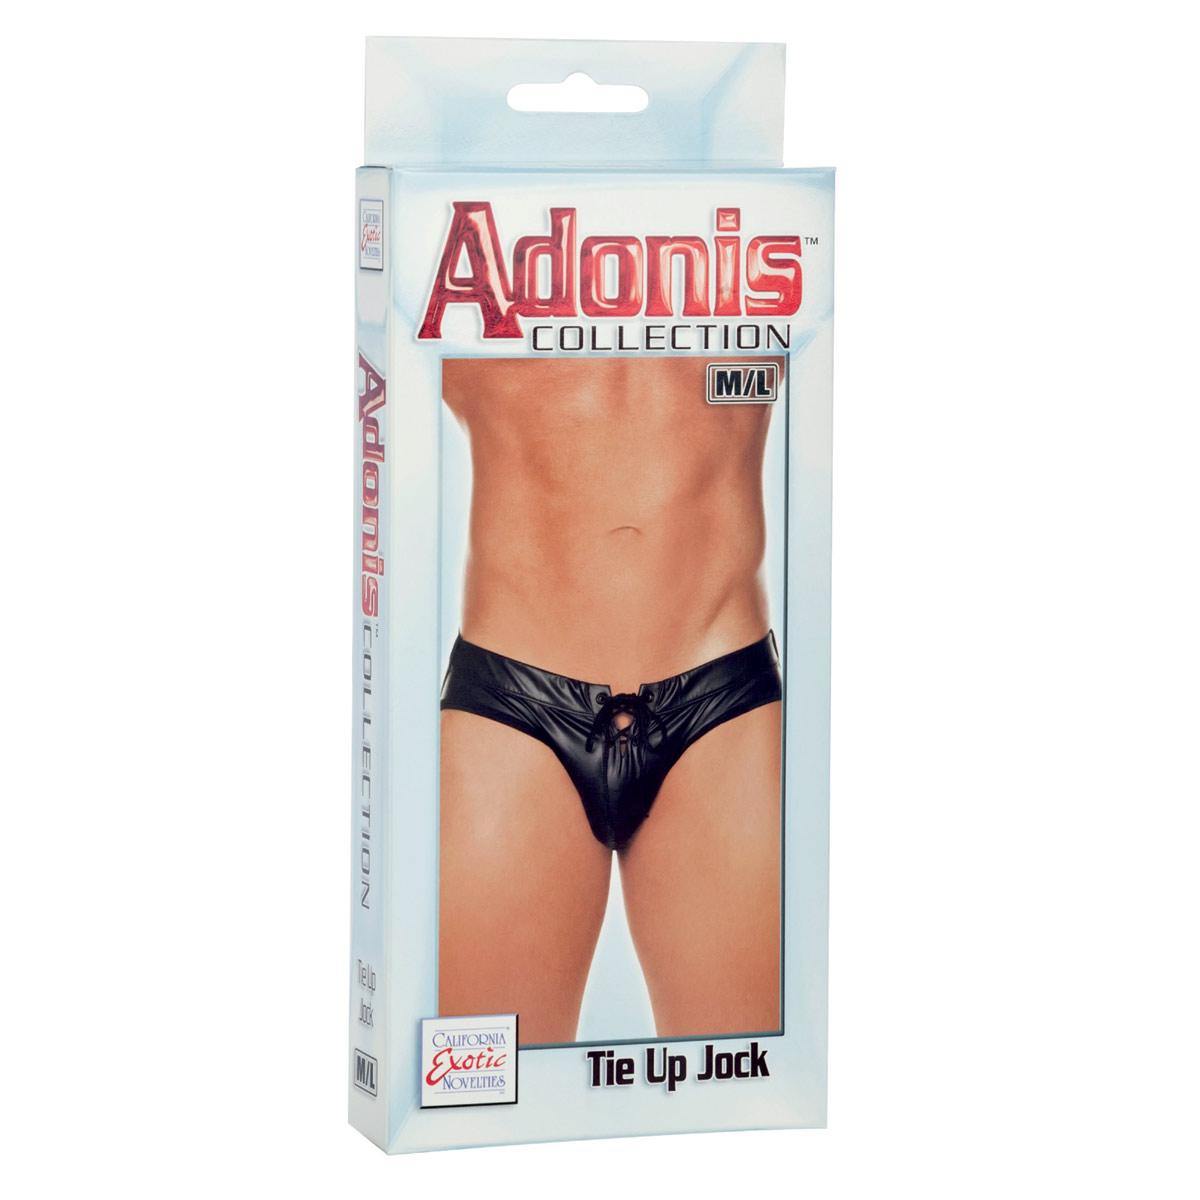 Мужские трусы-джоки Adonis Tie Up Jock - фото 528314